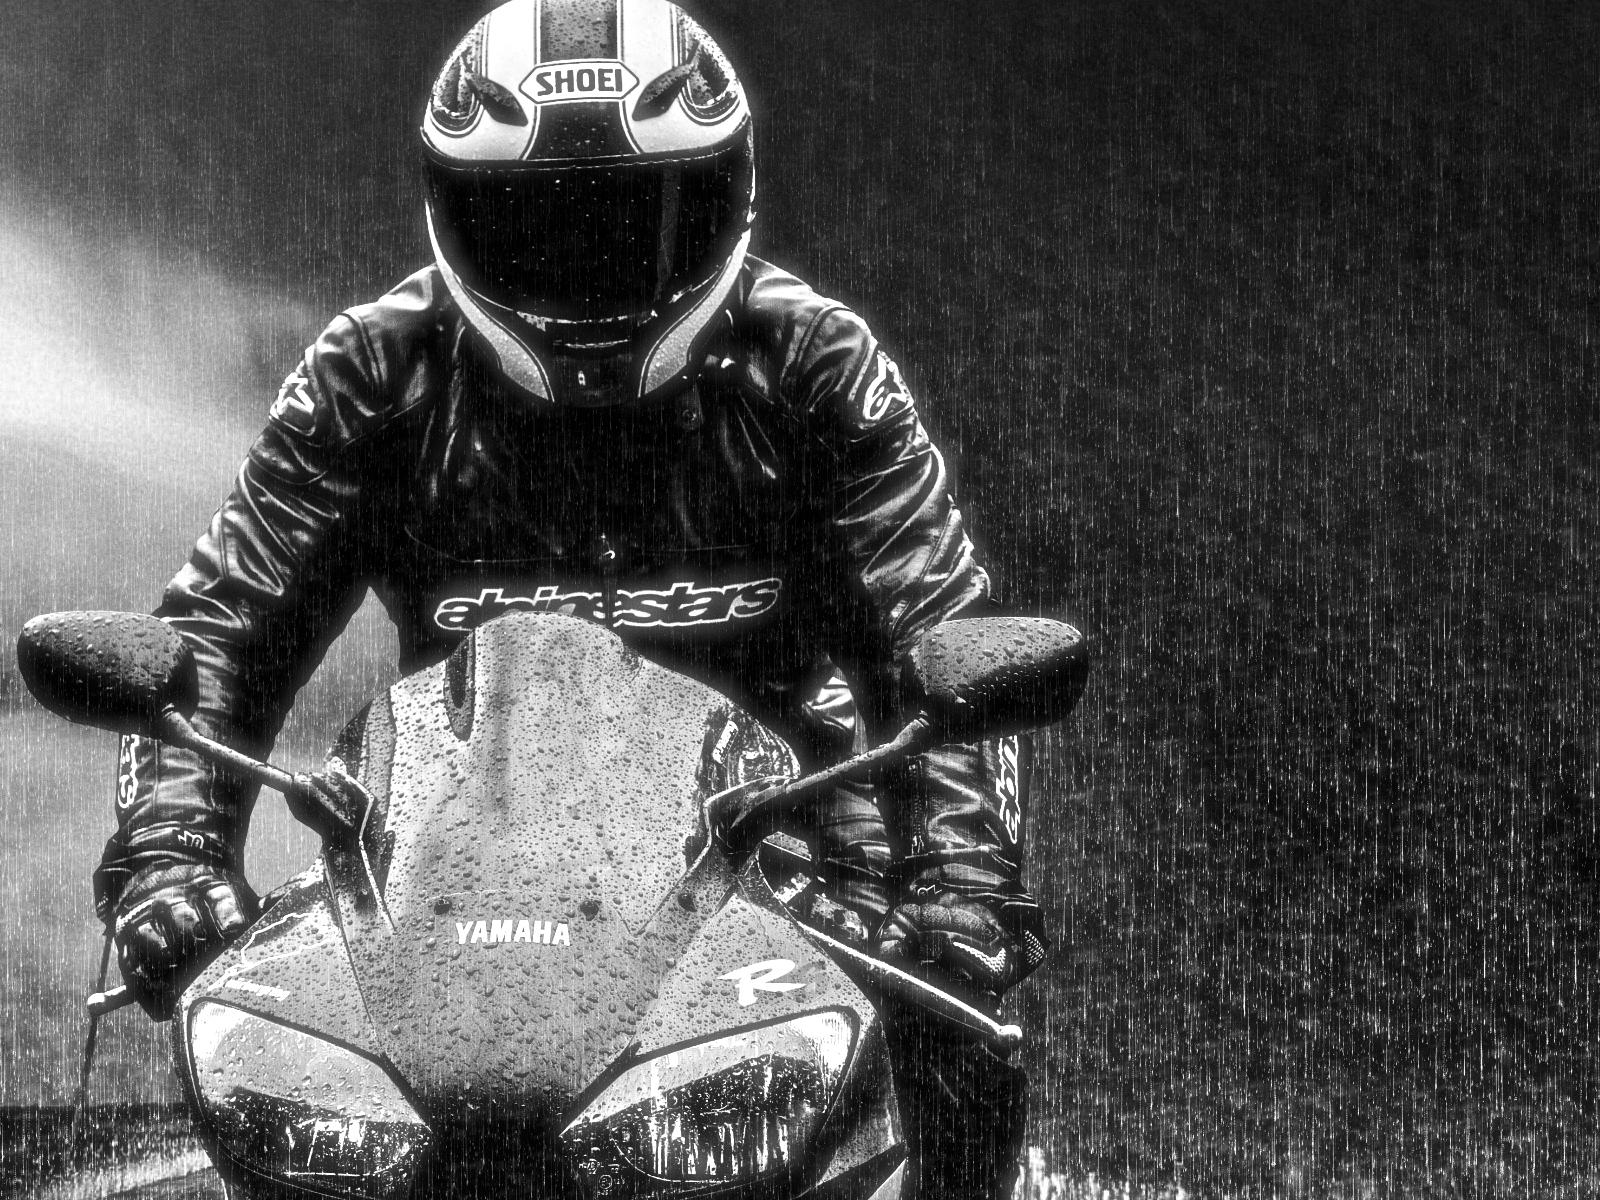 Concours photos de Fevrier noir et blanc 8040161021_42a0f7102d_o_d